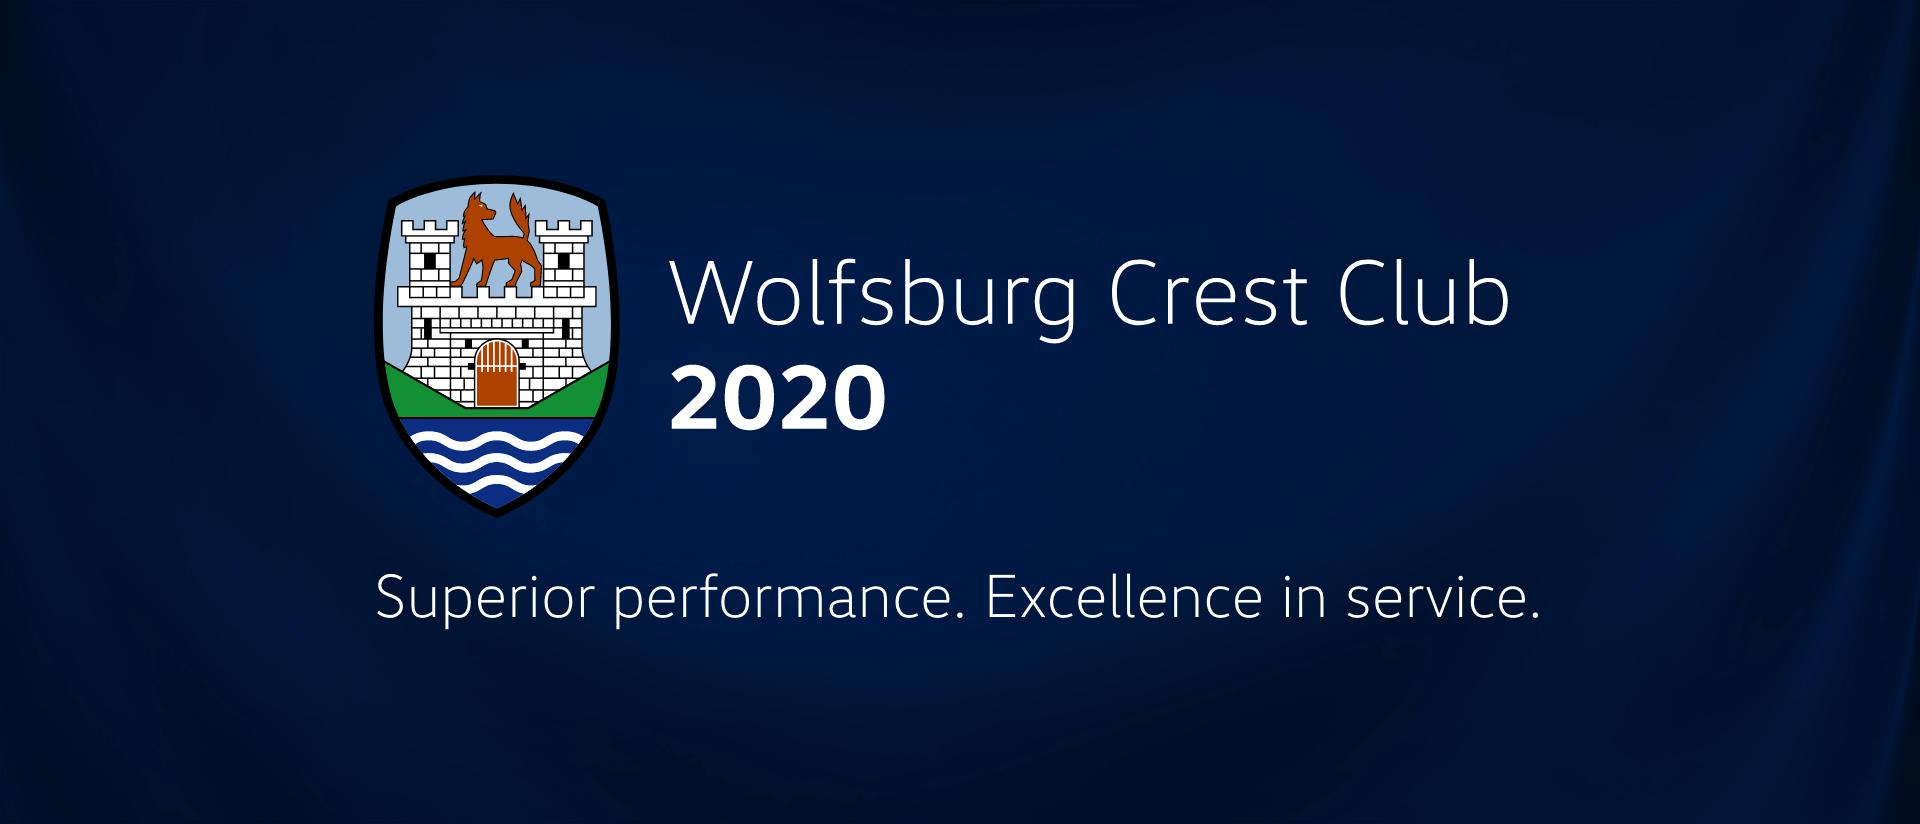 60VWST-2020-WOLFSBURG-HERO-1920_824